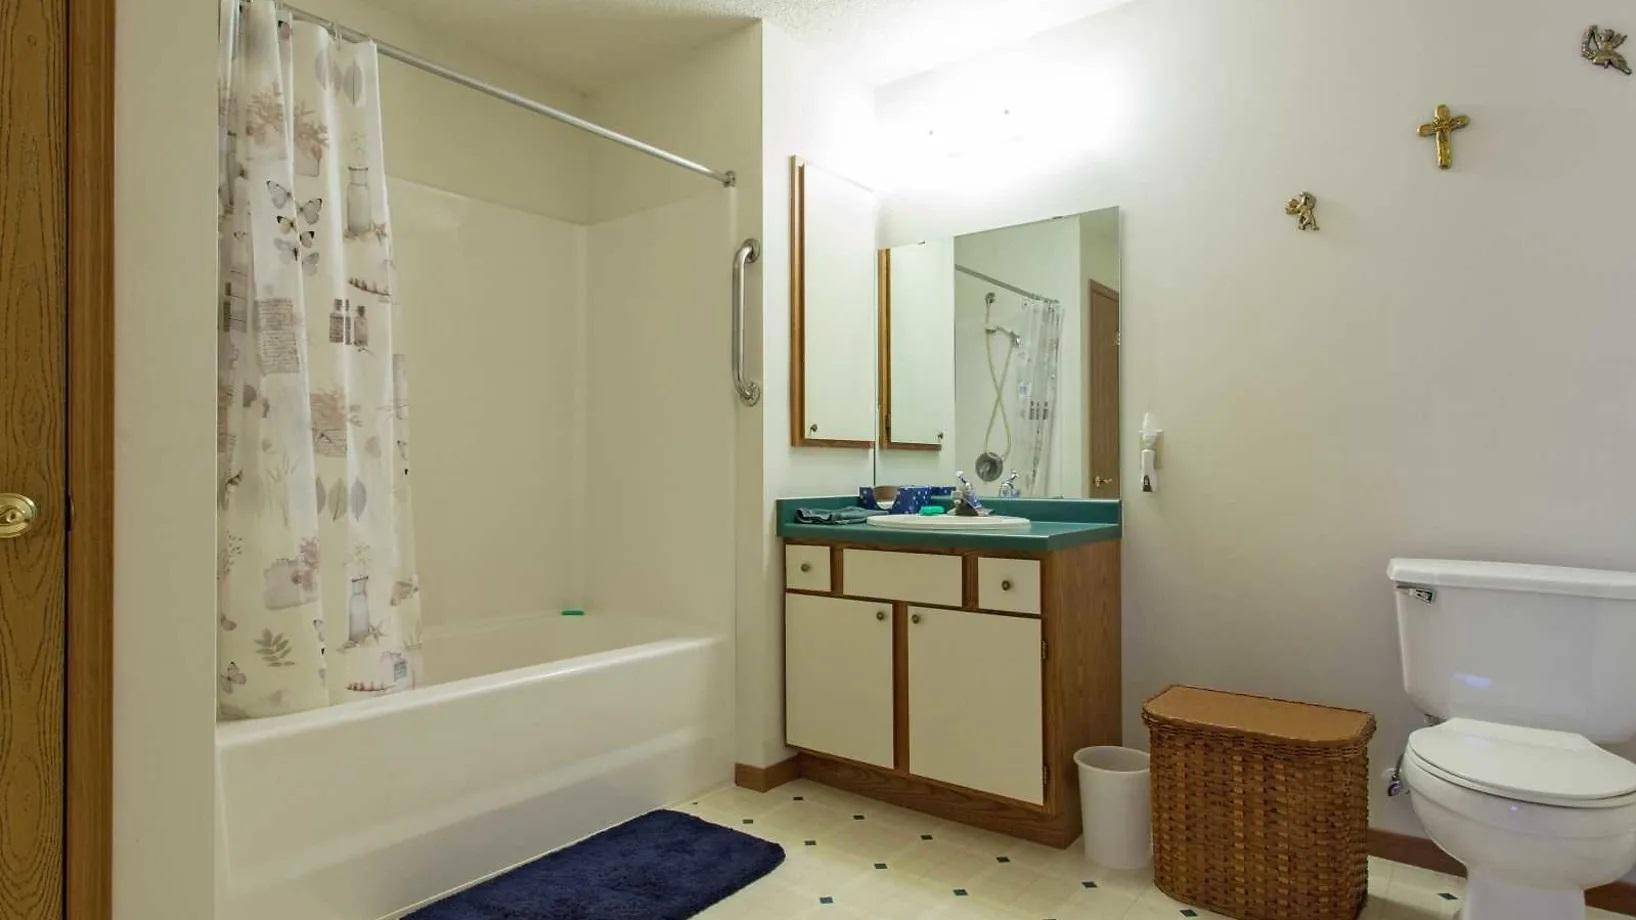 Villas by Mary T at Prescott bathroom